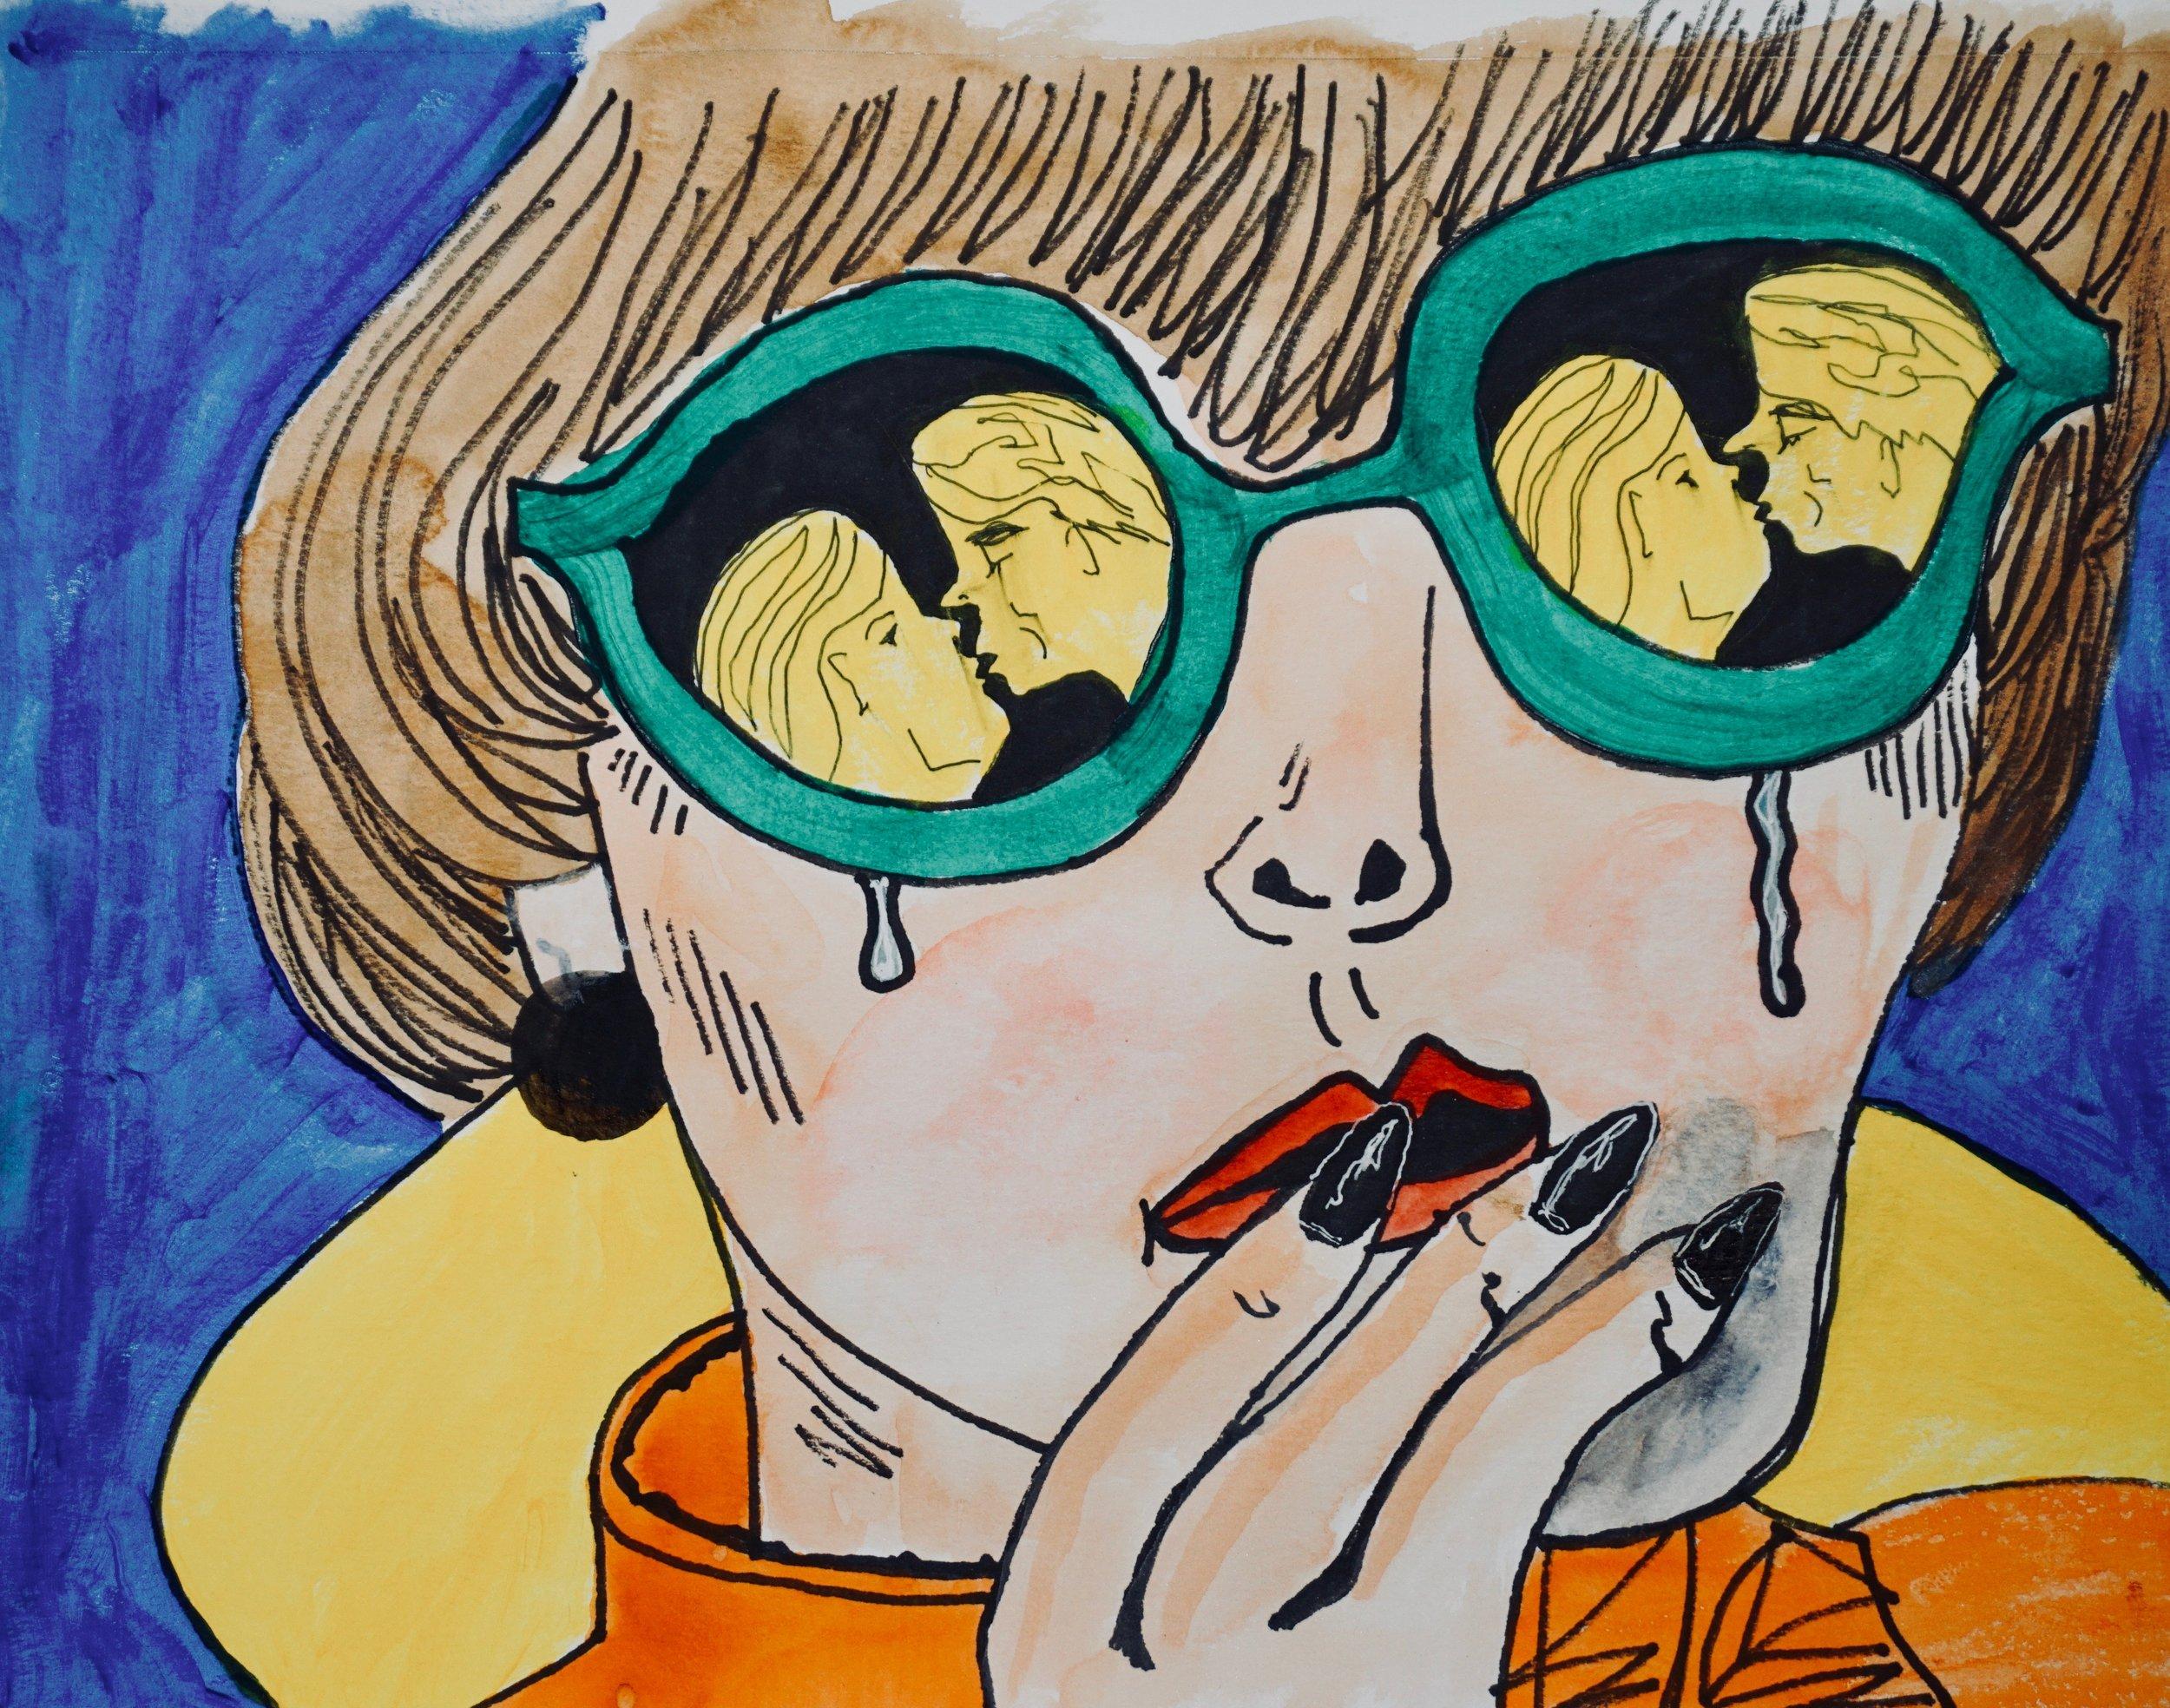 Heartbreak by Kathryn Sturges